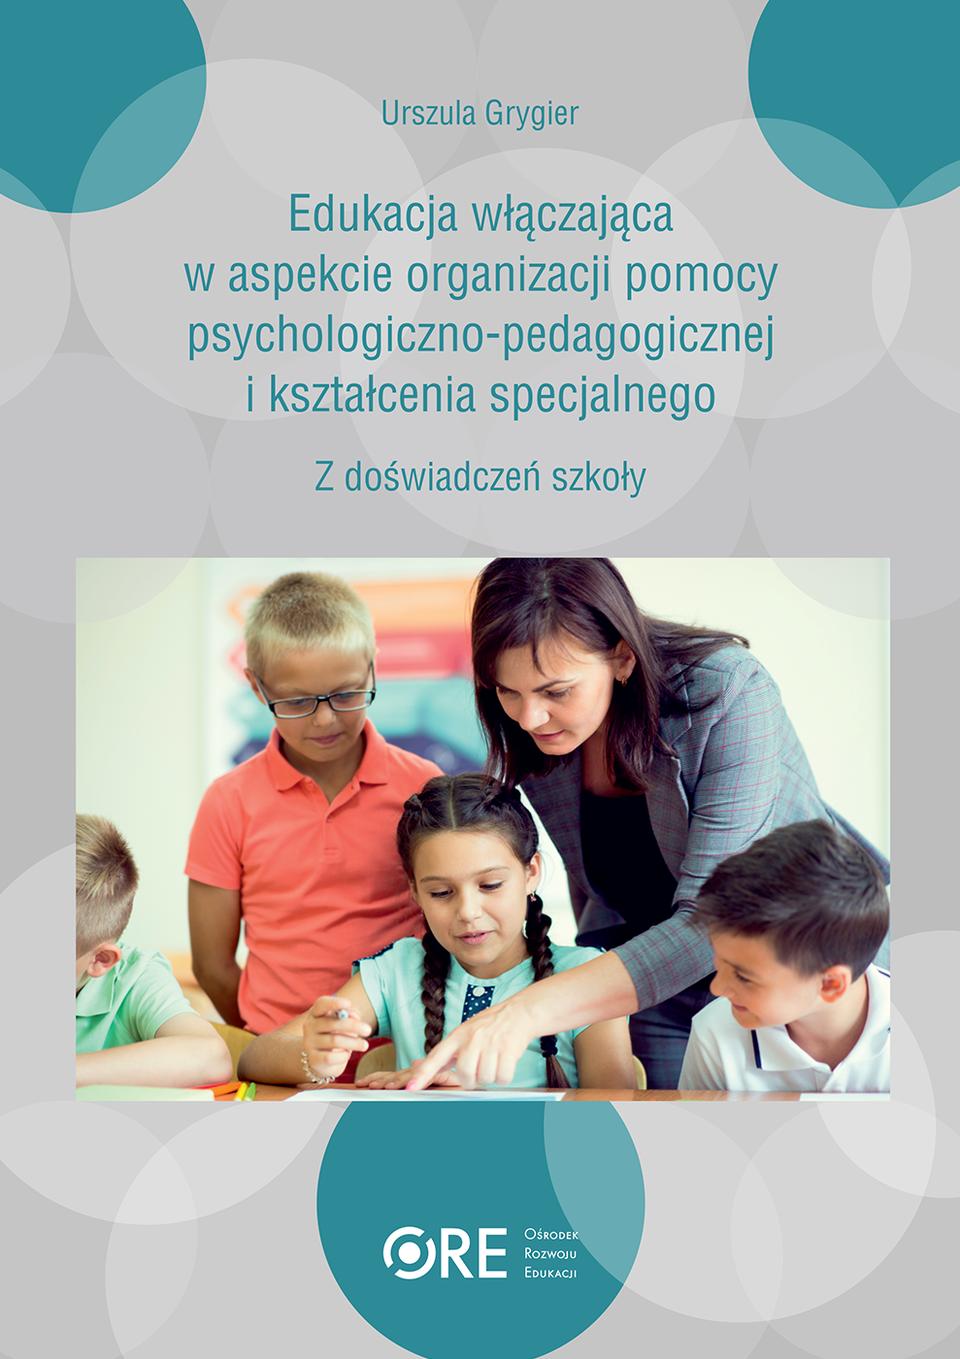 Pobierz plik: U. Grygier Edukacja-wlaczajaca-z-doswiadczen-szkoly_ Edukacja włączająca.pdf